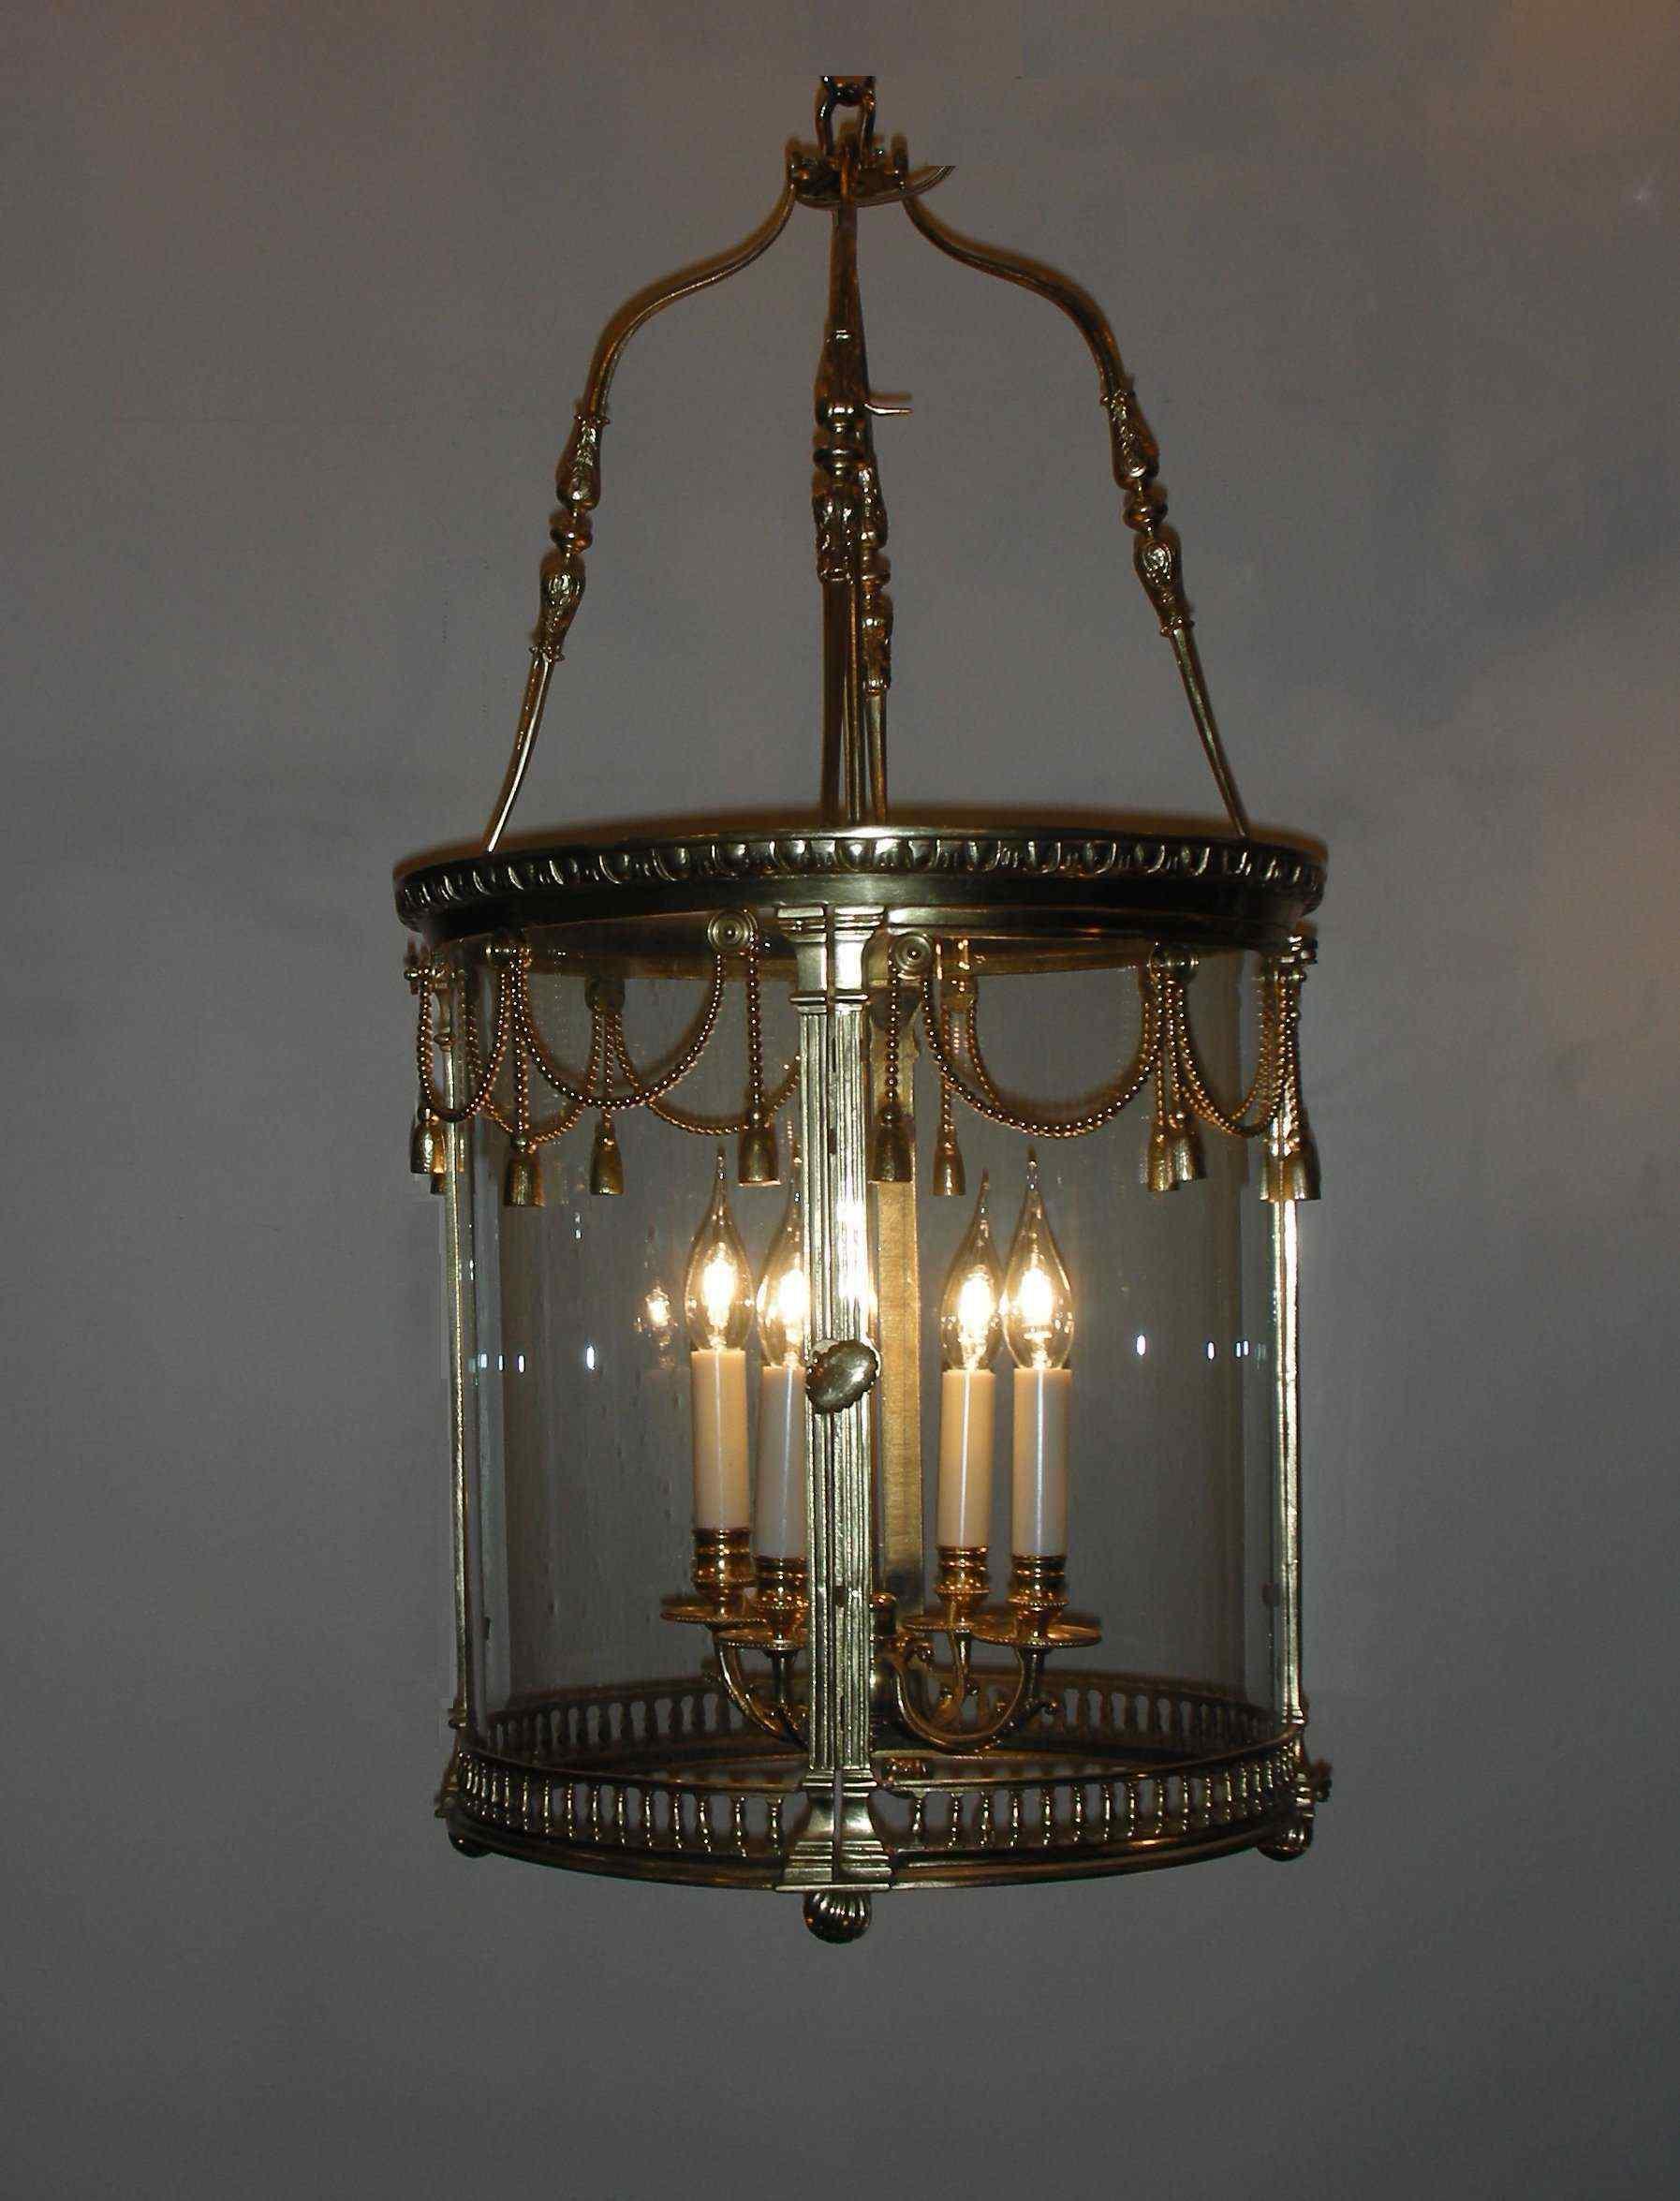 Lanterna antica da collezione